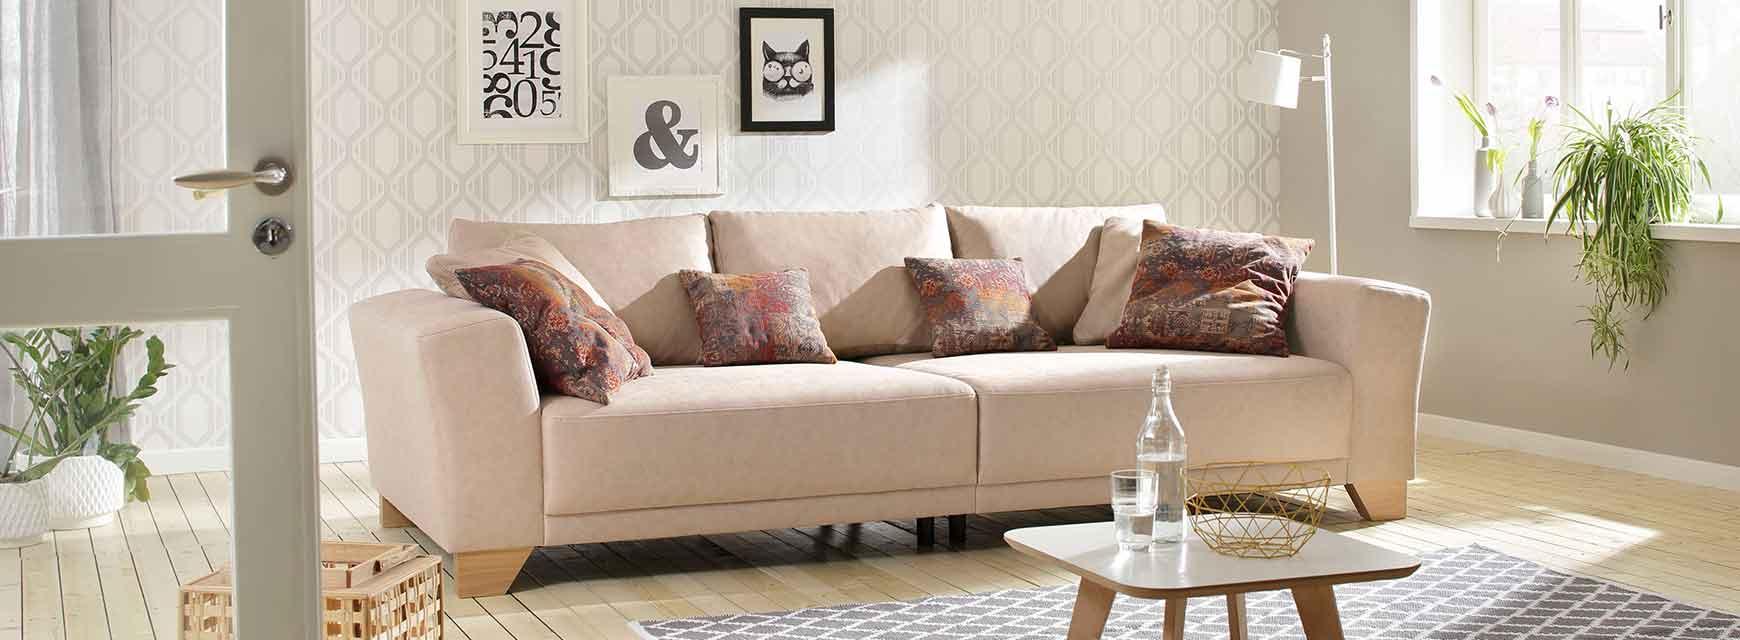 Full Size of Sofa Halbrund Otto Landhausstil Landhaus Couch Online Kaufen Naturloftde Bunt Altes Grau Leder Langes Halbrundes Hülsta Machalke Vitra Ewald Schillig Husse Wohnzimmer Sofa Halbrund Otto